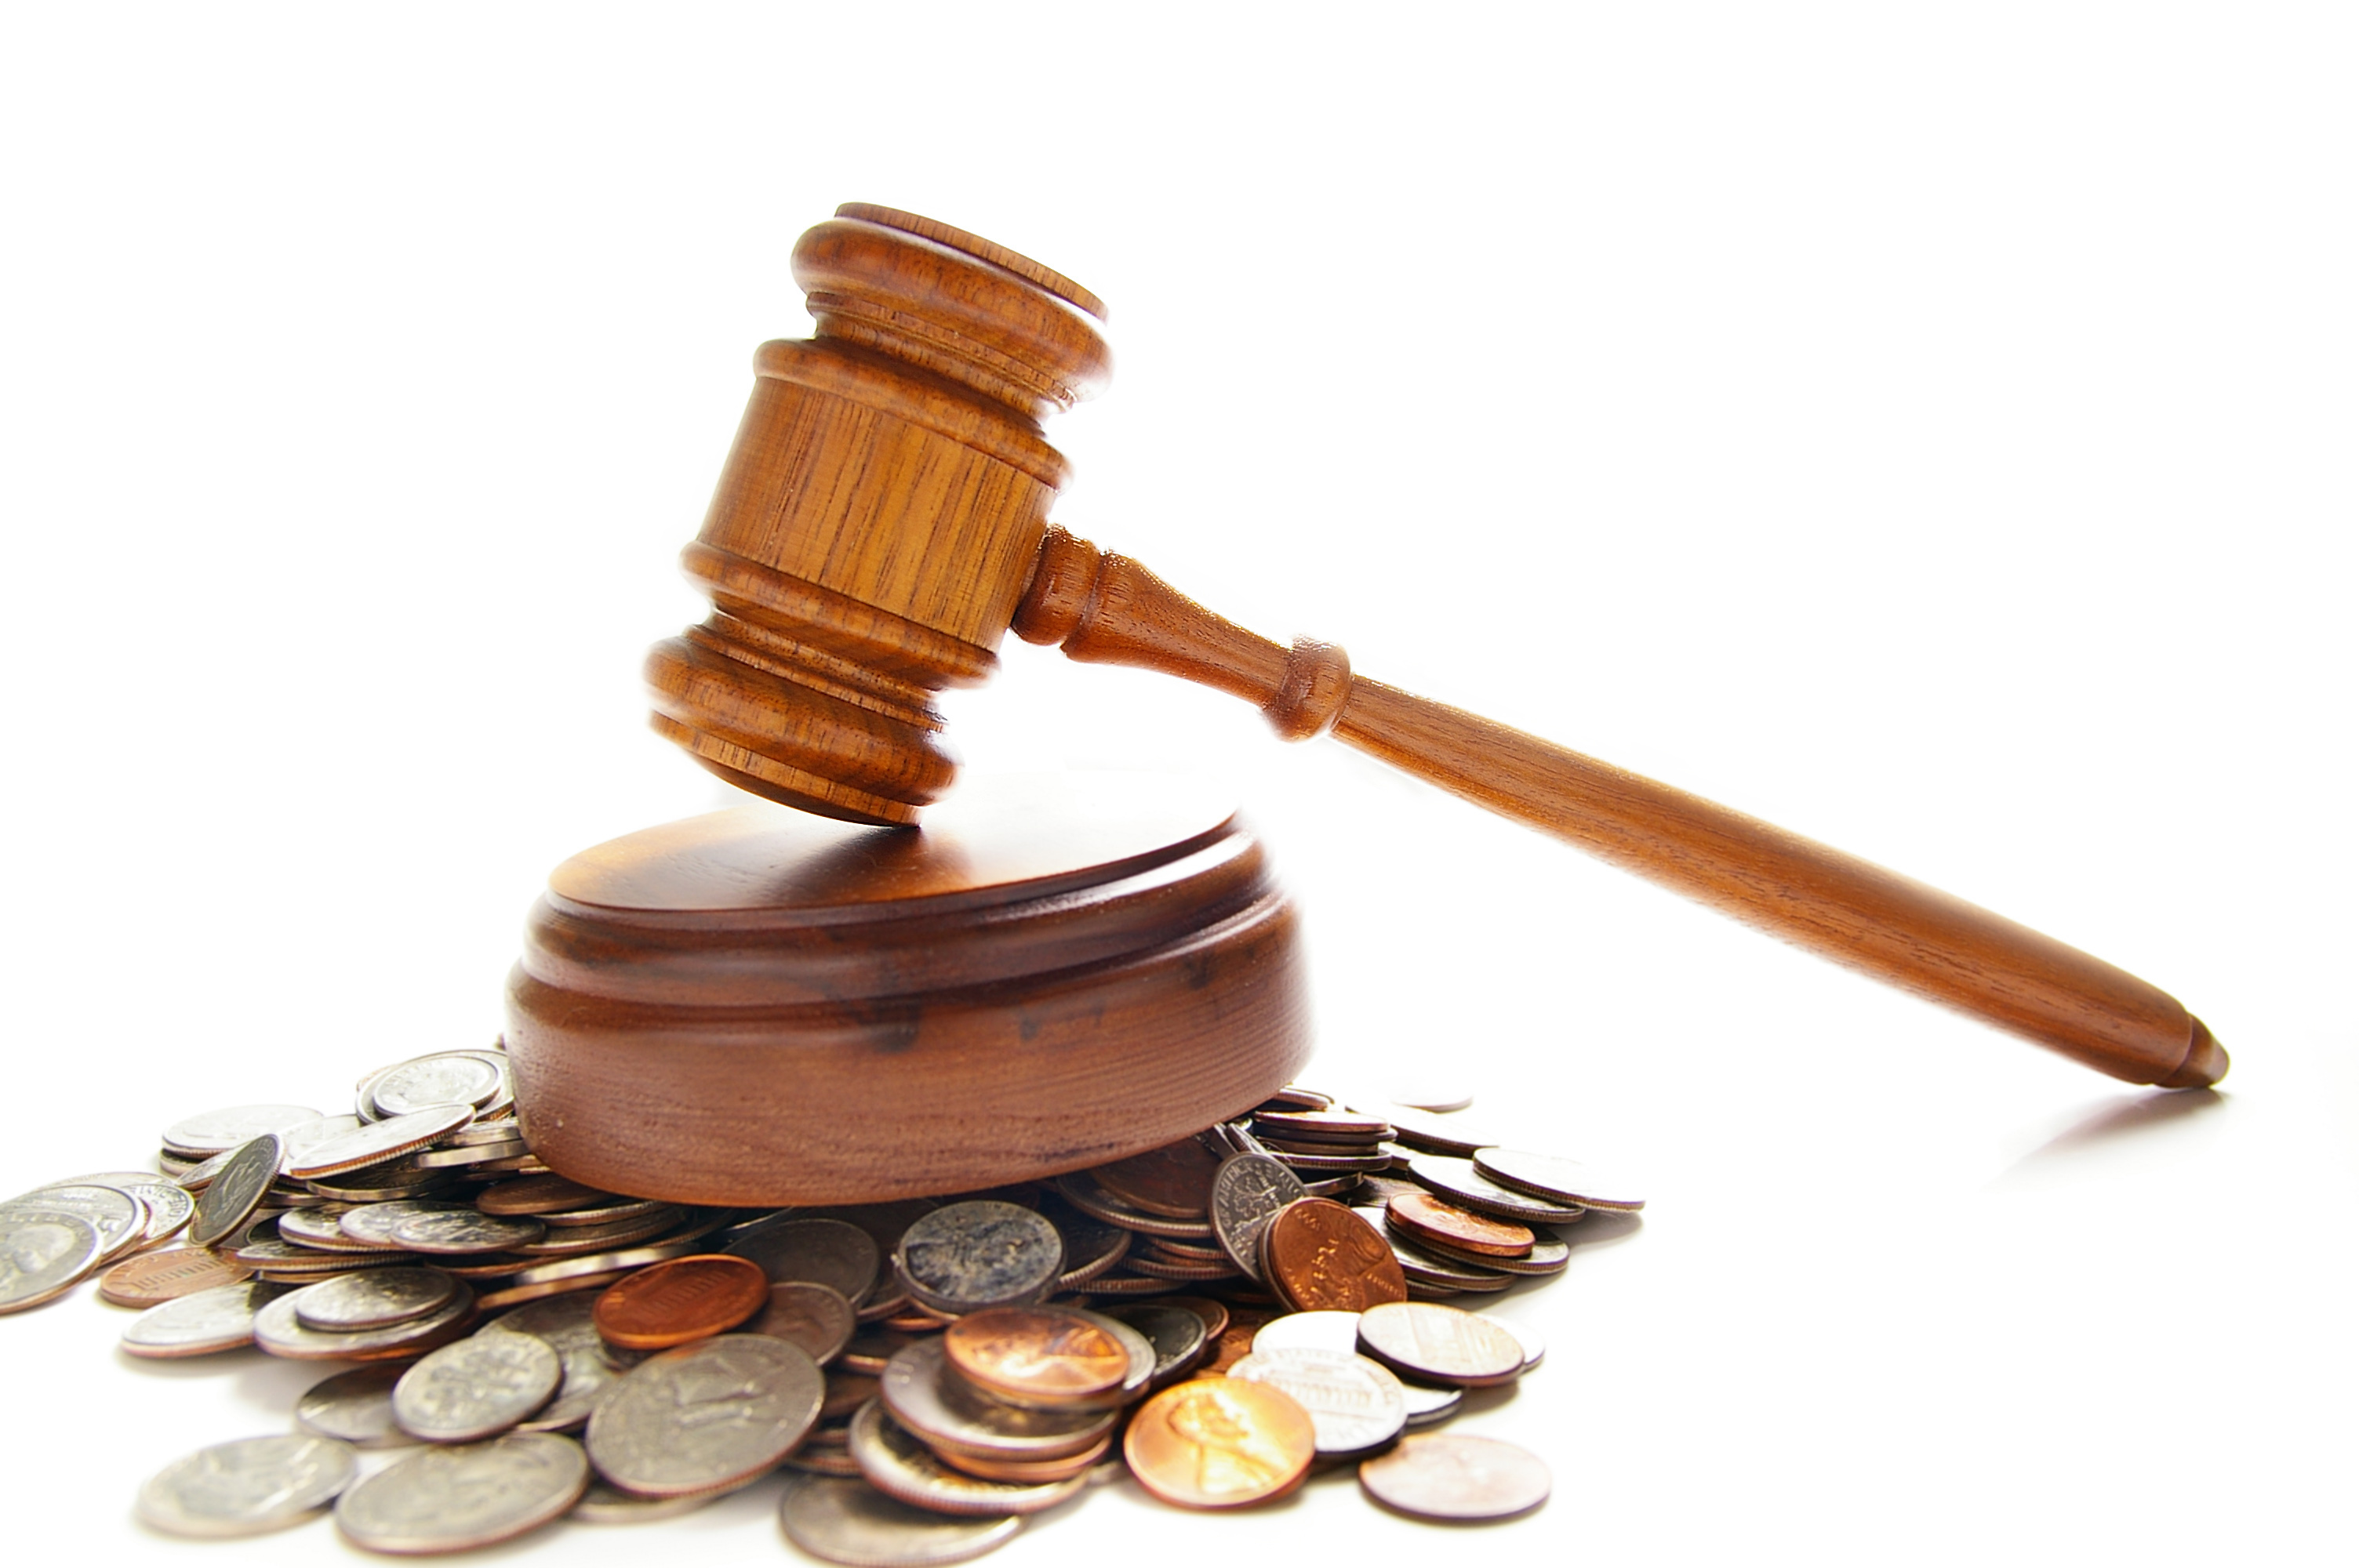 «Εξωδικαστικός συμβιβασμός»: περισσότερο δικαστικός και λιγότερο συμβιβασμός